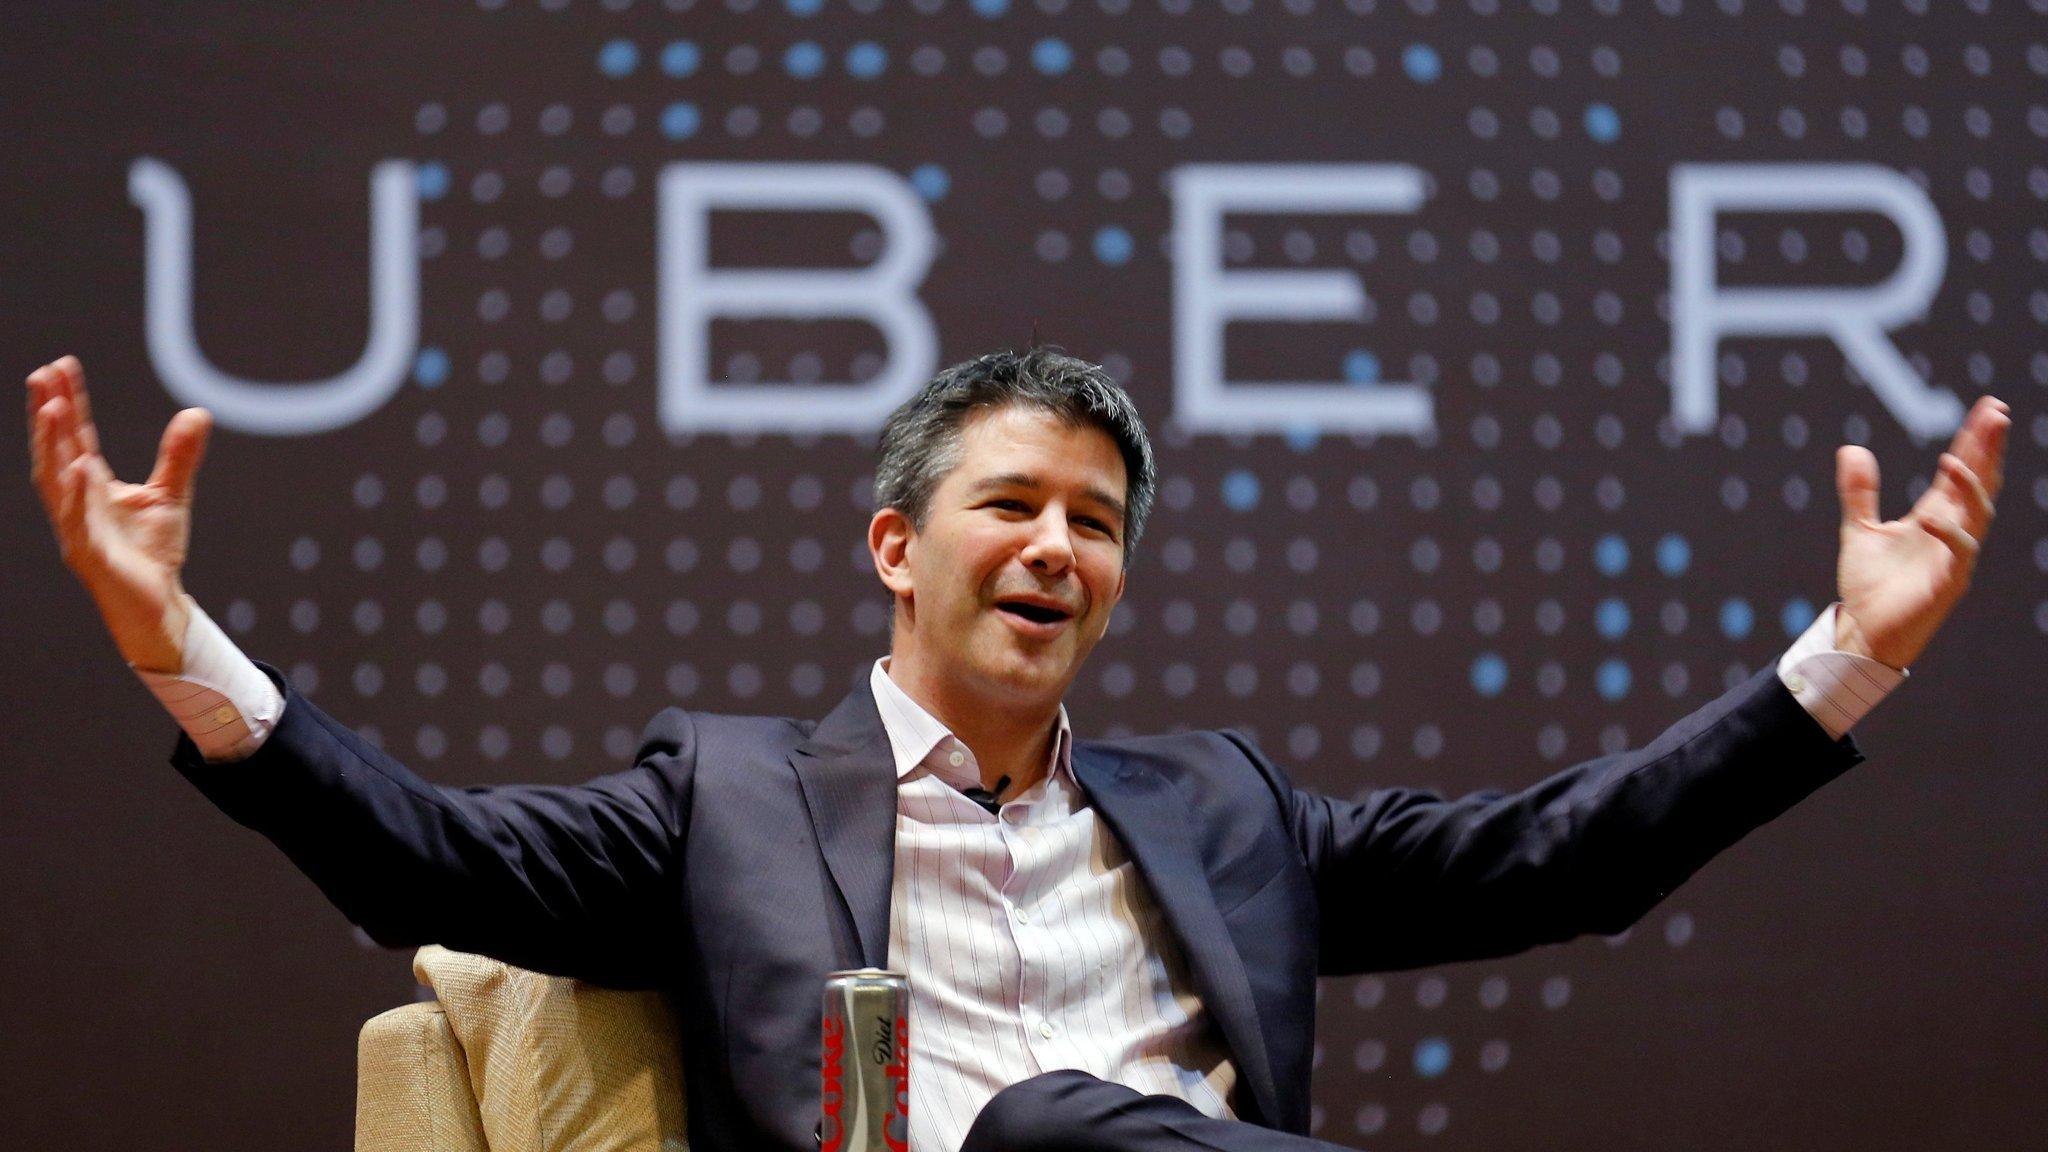 decada-de-2010:-los-capitalistas-de-riesgo-revelan-las-startups-que-cambiaron-todo